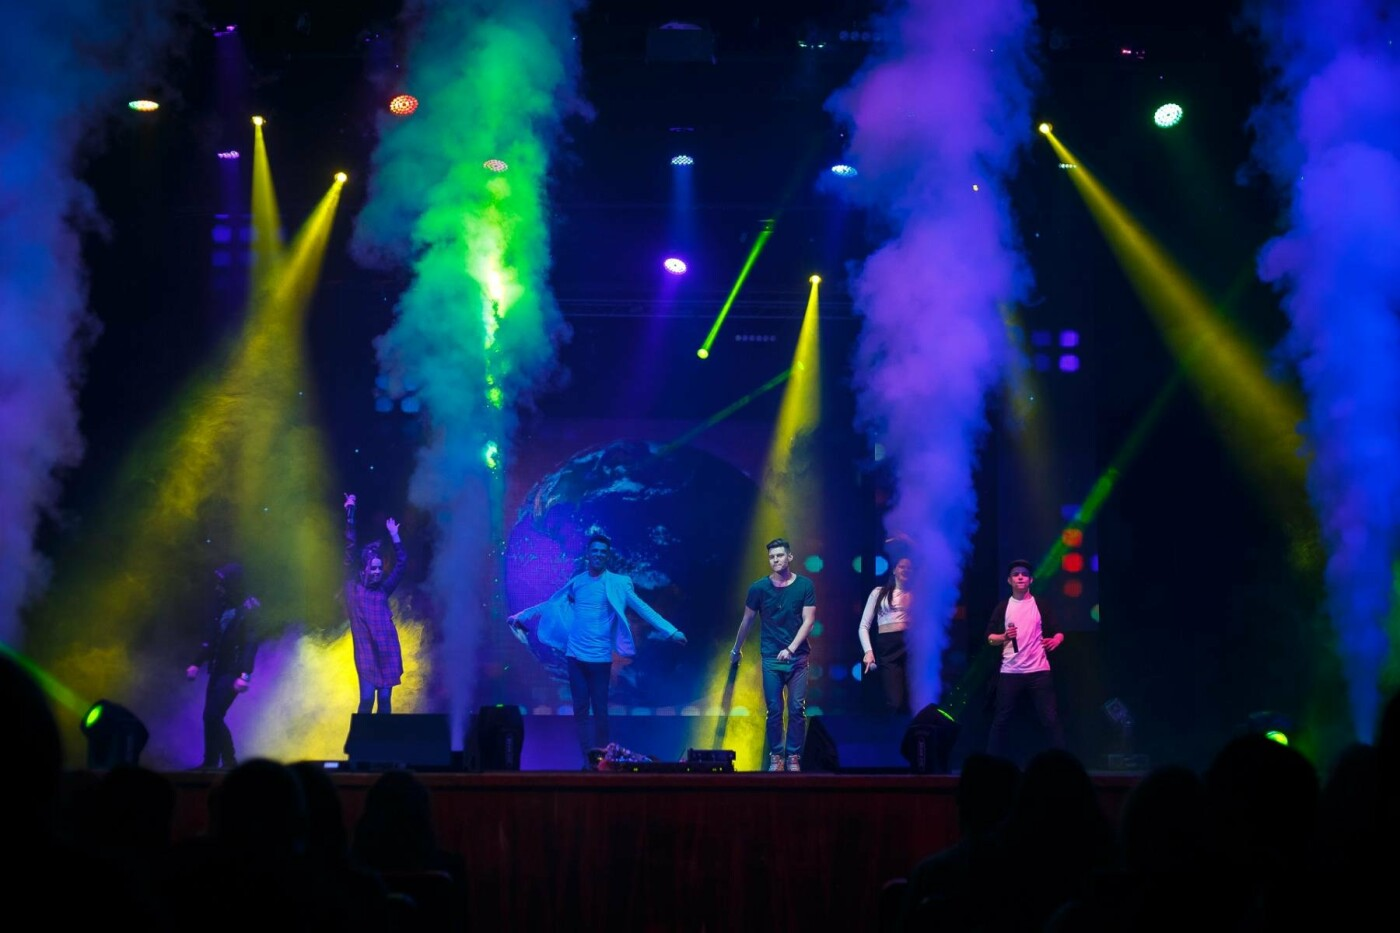 Запорожцев приглашают на концерт финалистов музыкальных телешоу, фото-7